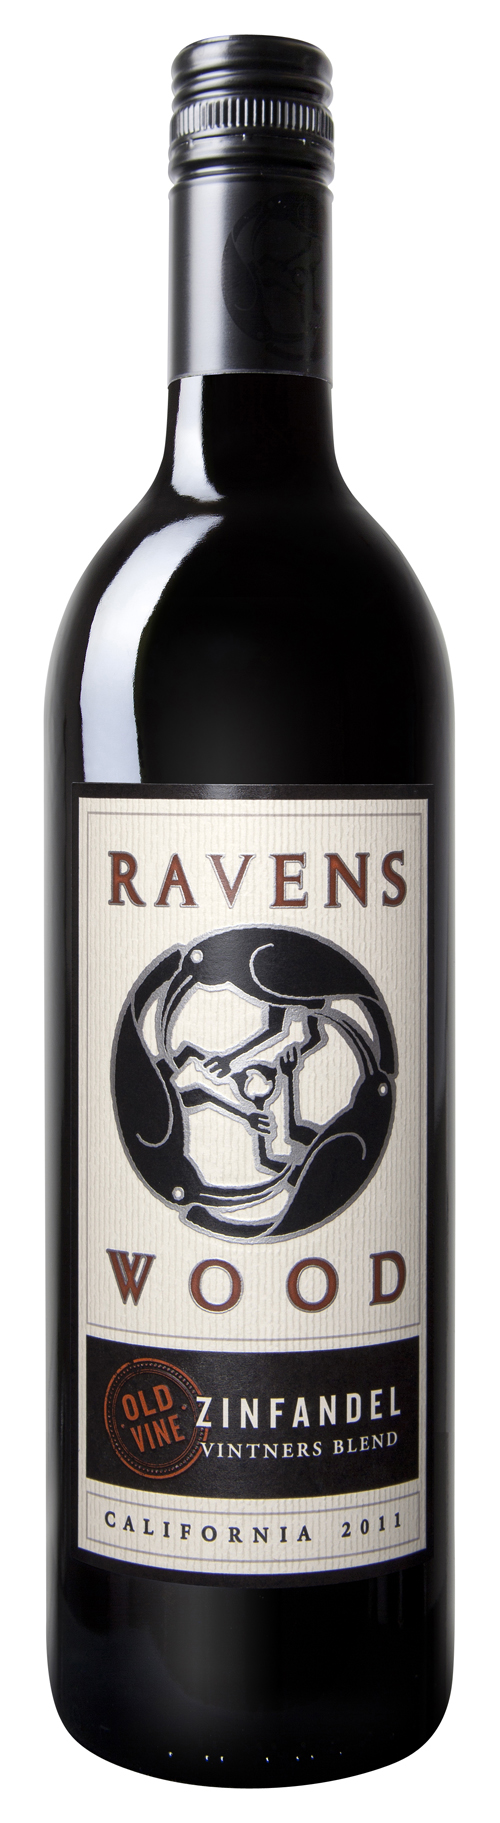 Afholte 2013 Ravenswood Vintners Blend Zinfandel - Boxtoppen KB-16